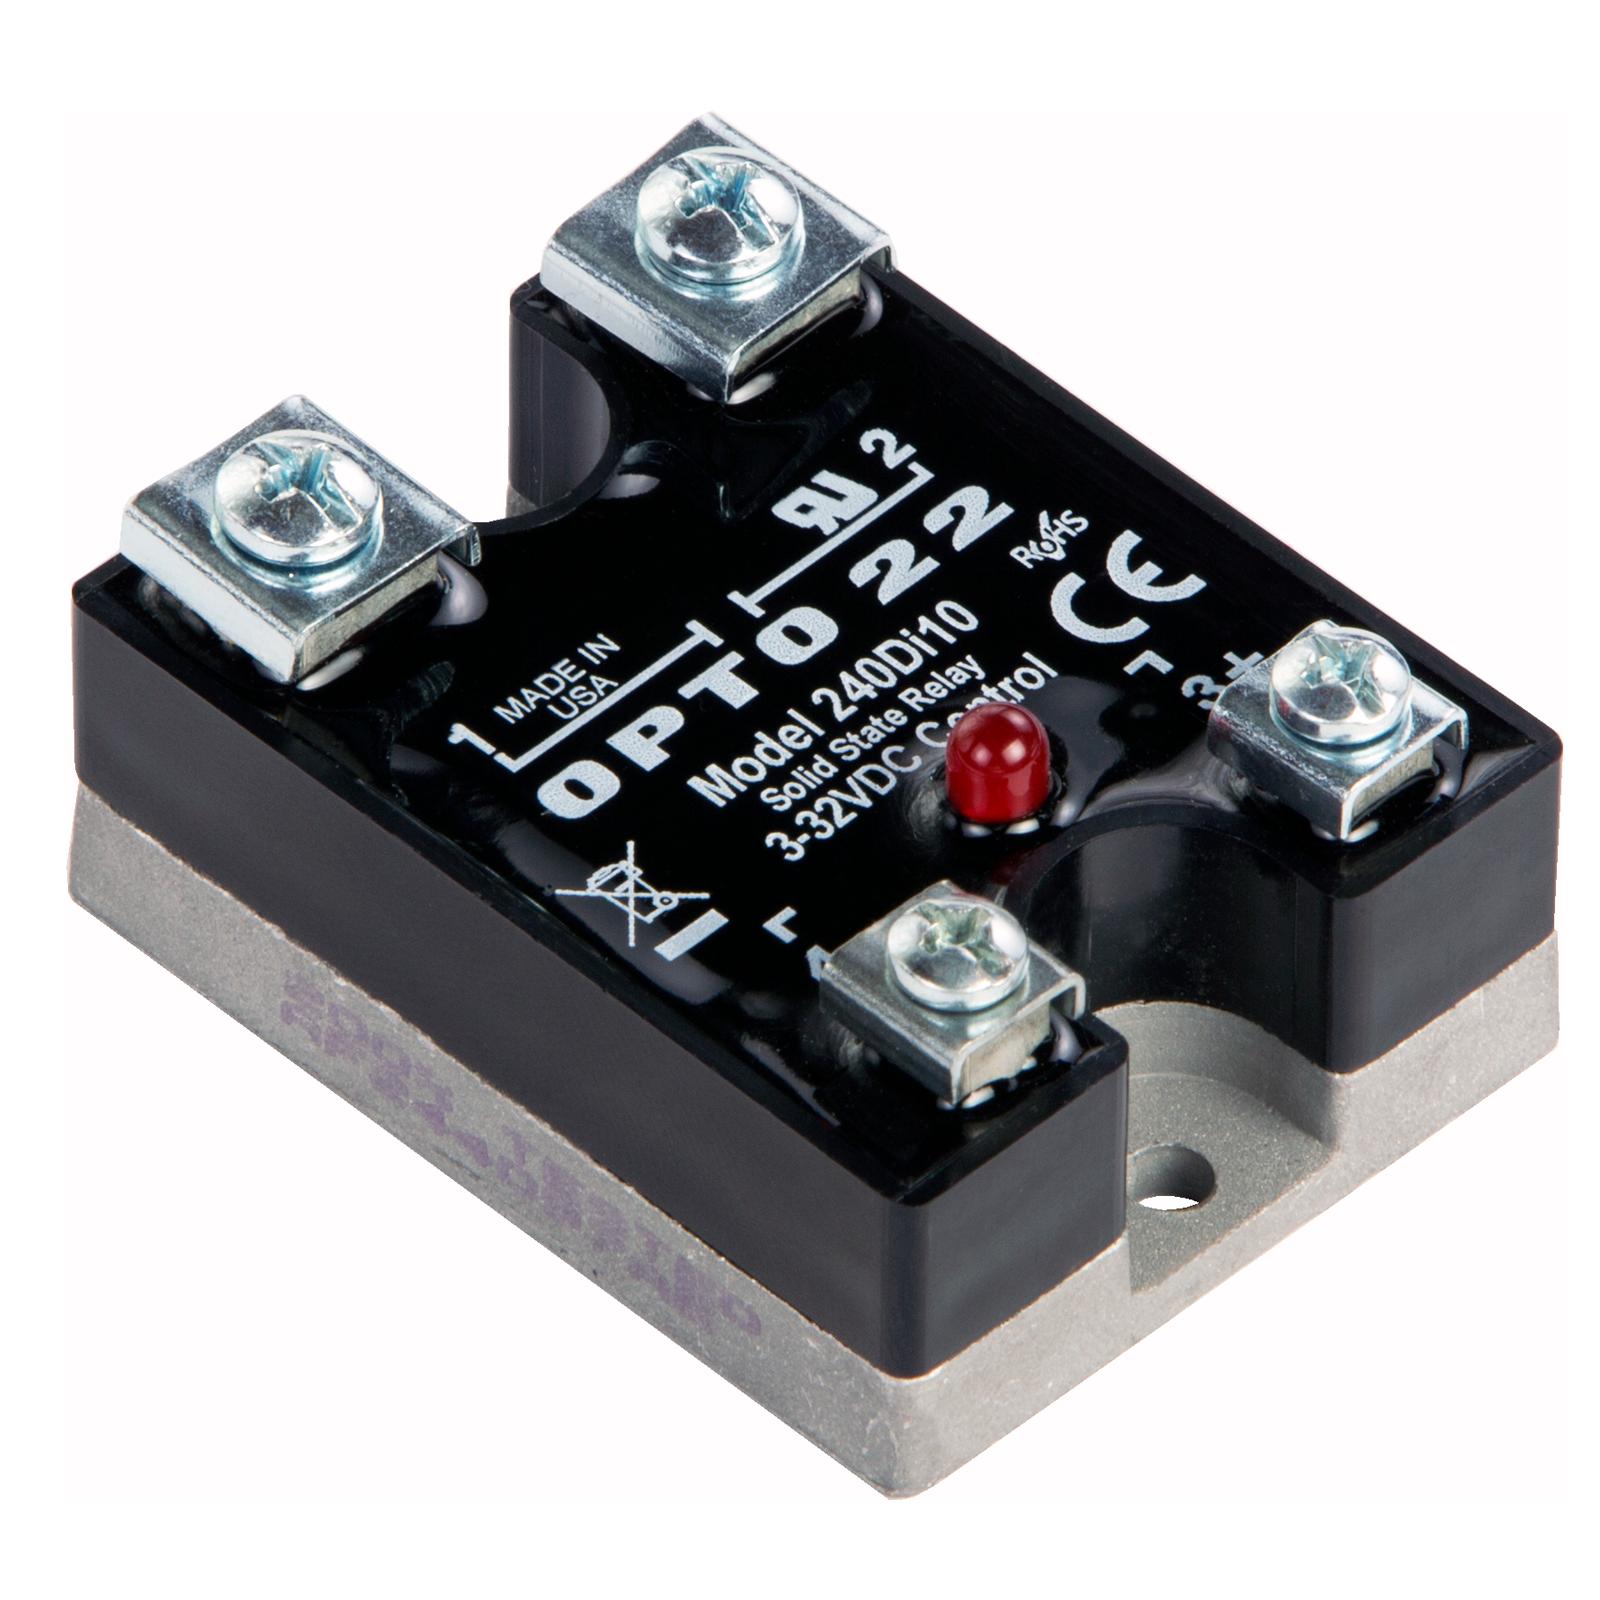 ssr control 240 vac schematic opto22 240di10    240       vac     10 amp  dc    control    solid state  opto22 240di10    240       vac     10 amp  dc    control    solid state